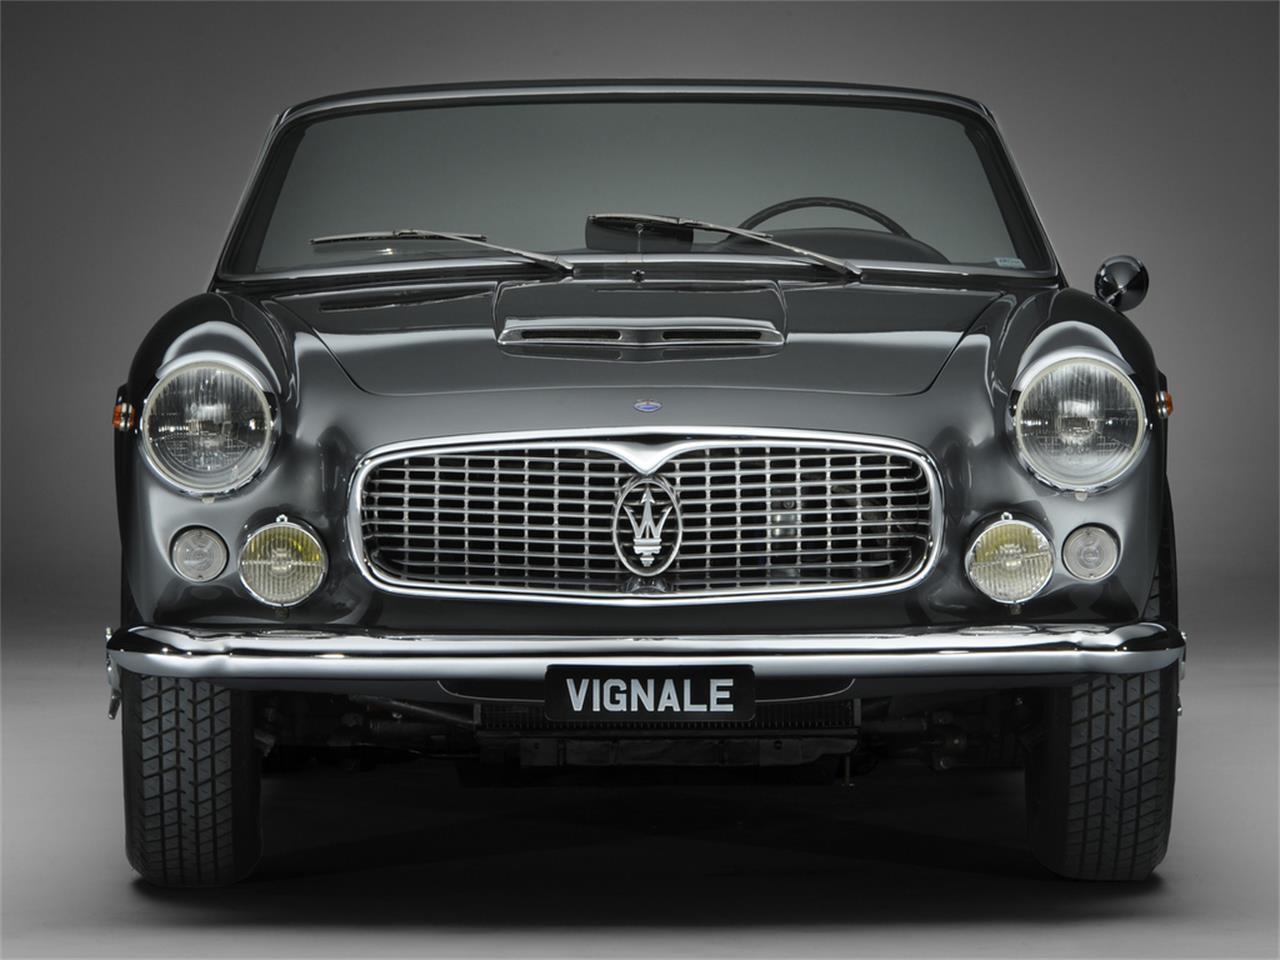 1963 Maserati 3500 GTI Vignale Spyder for Sale ...